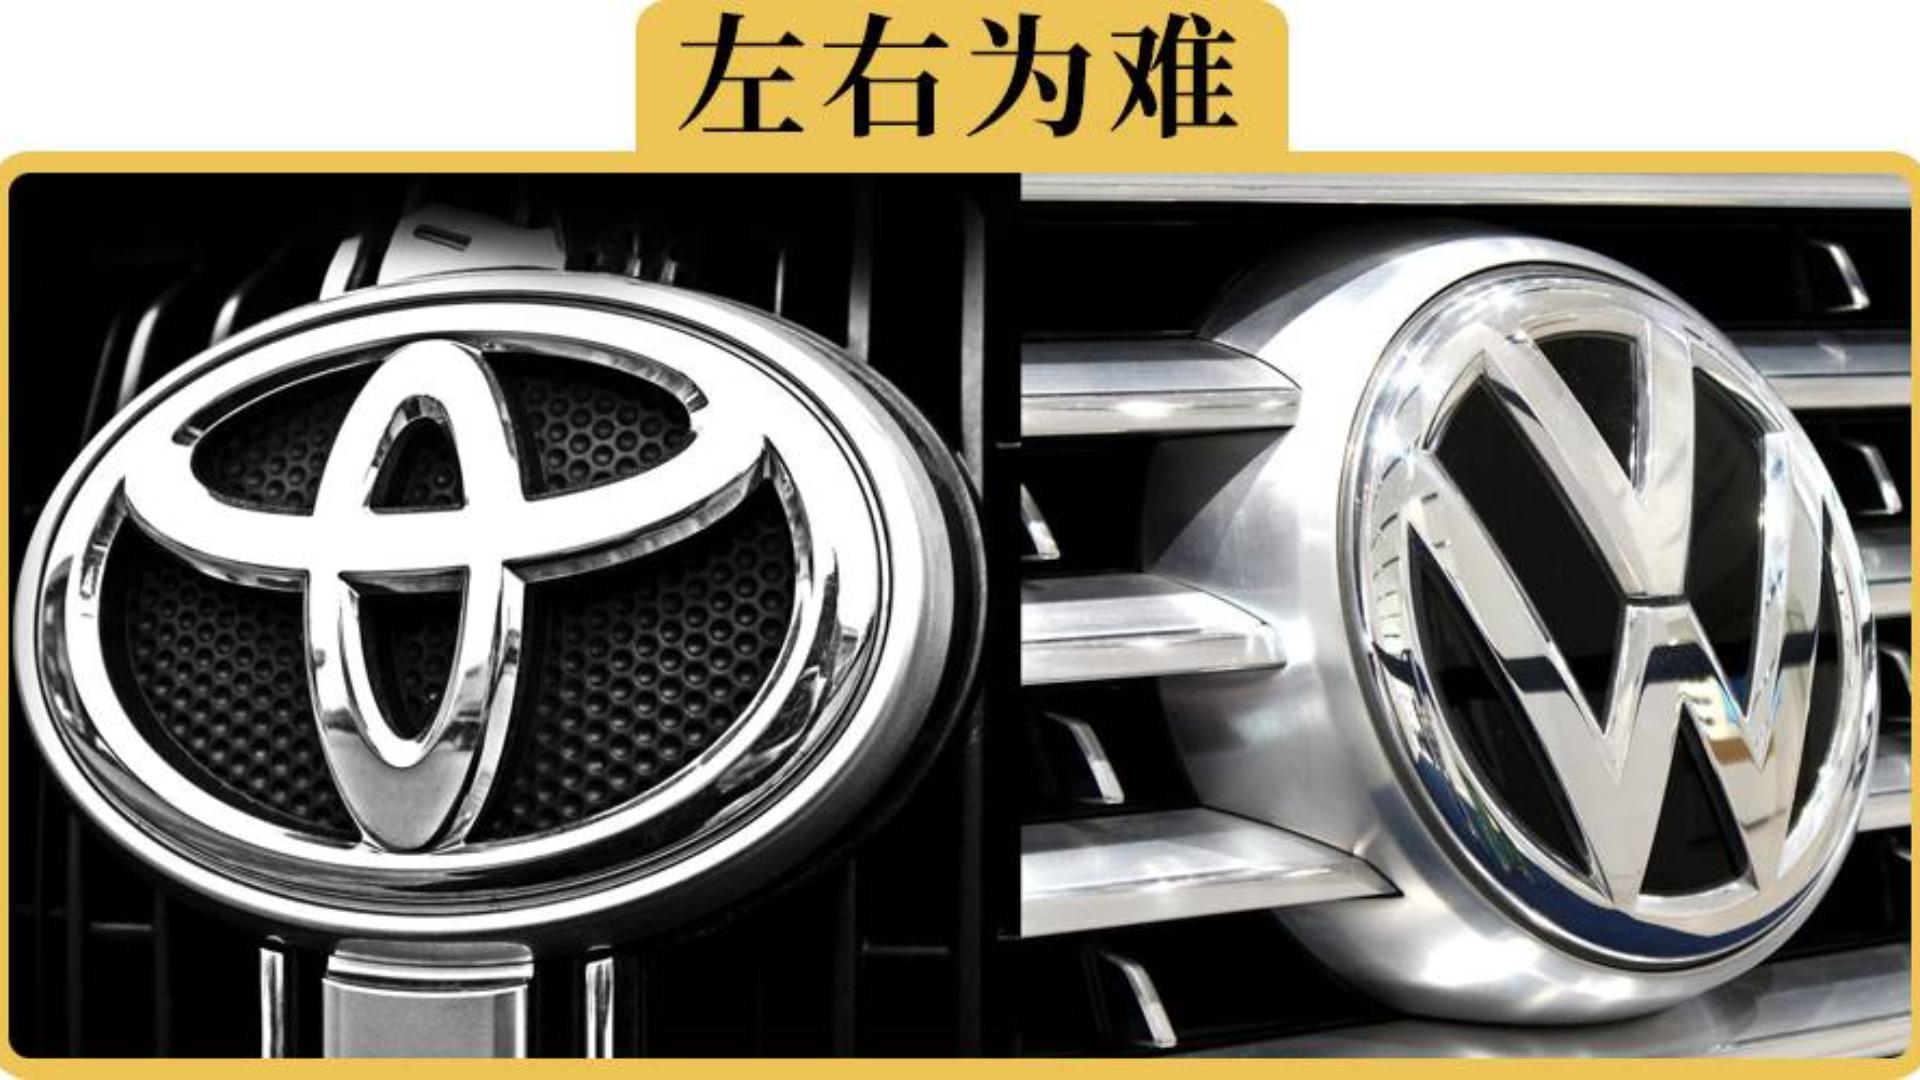 不懂车的看丰田,半懂车的买大众,是真的吗